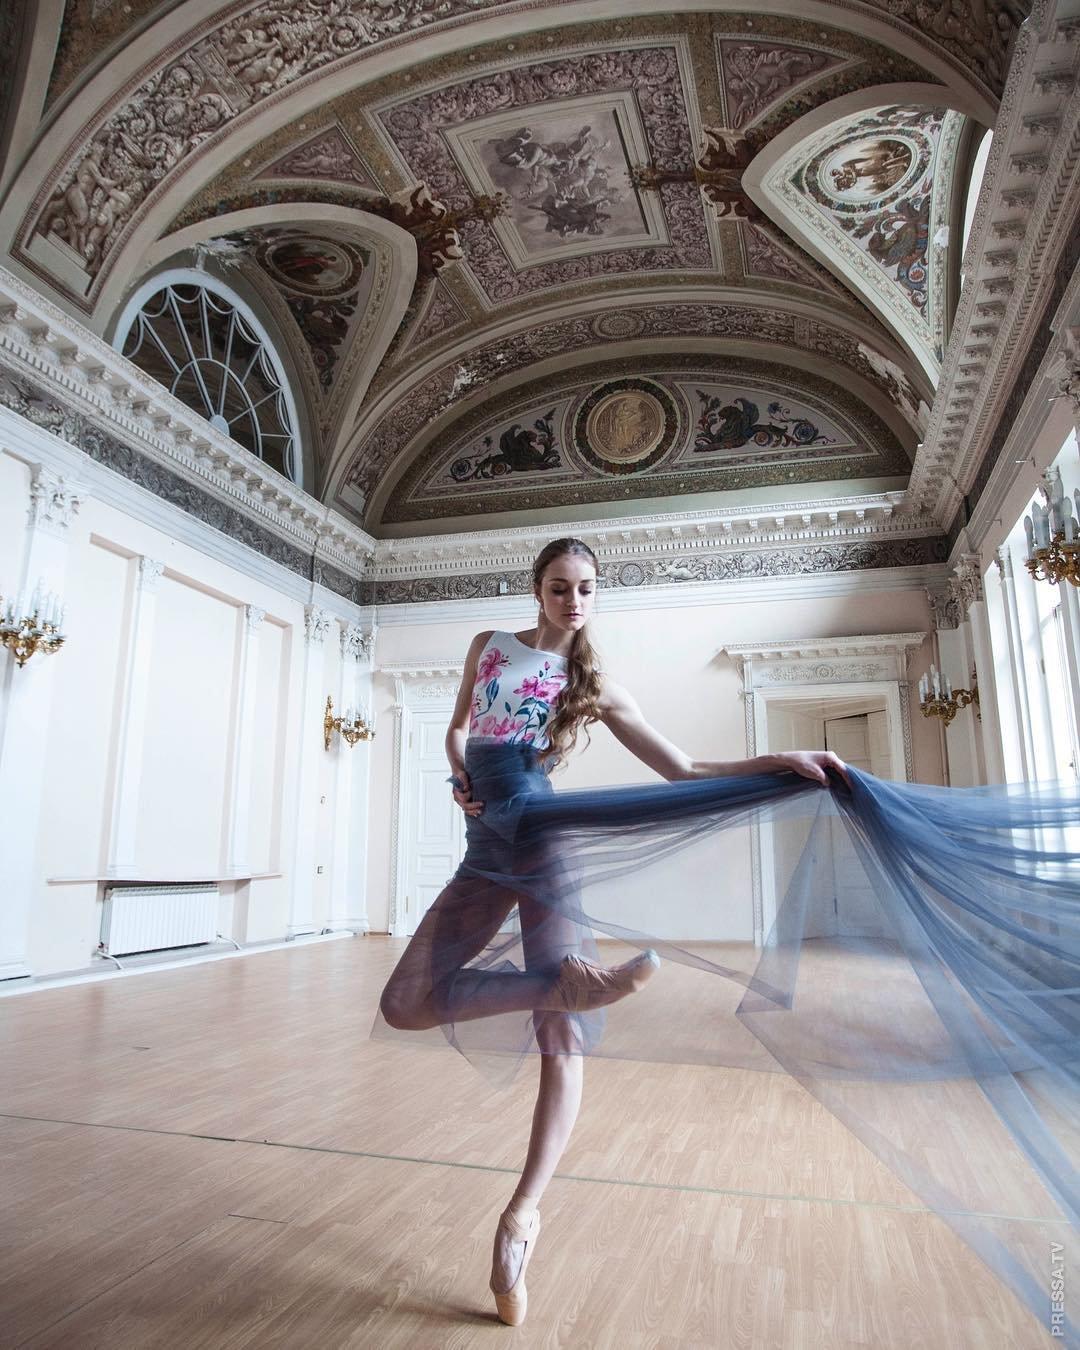 Картинки с балеринами углубления